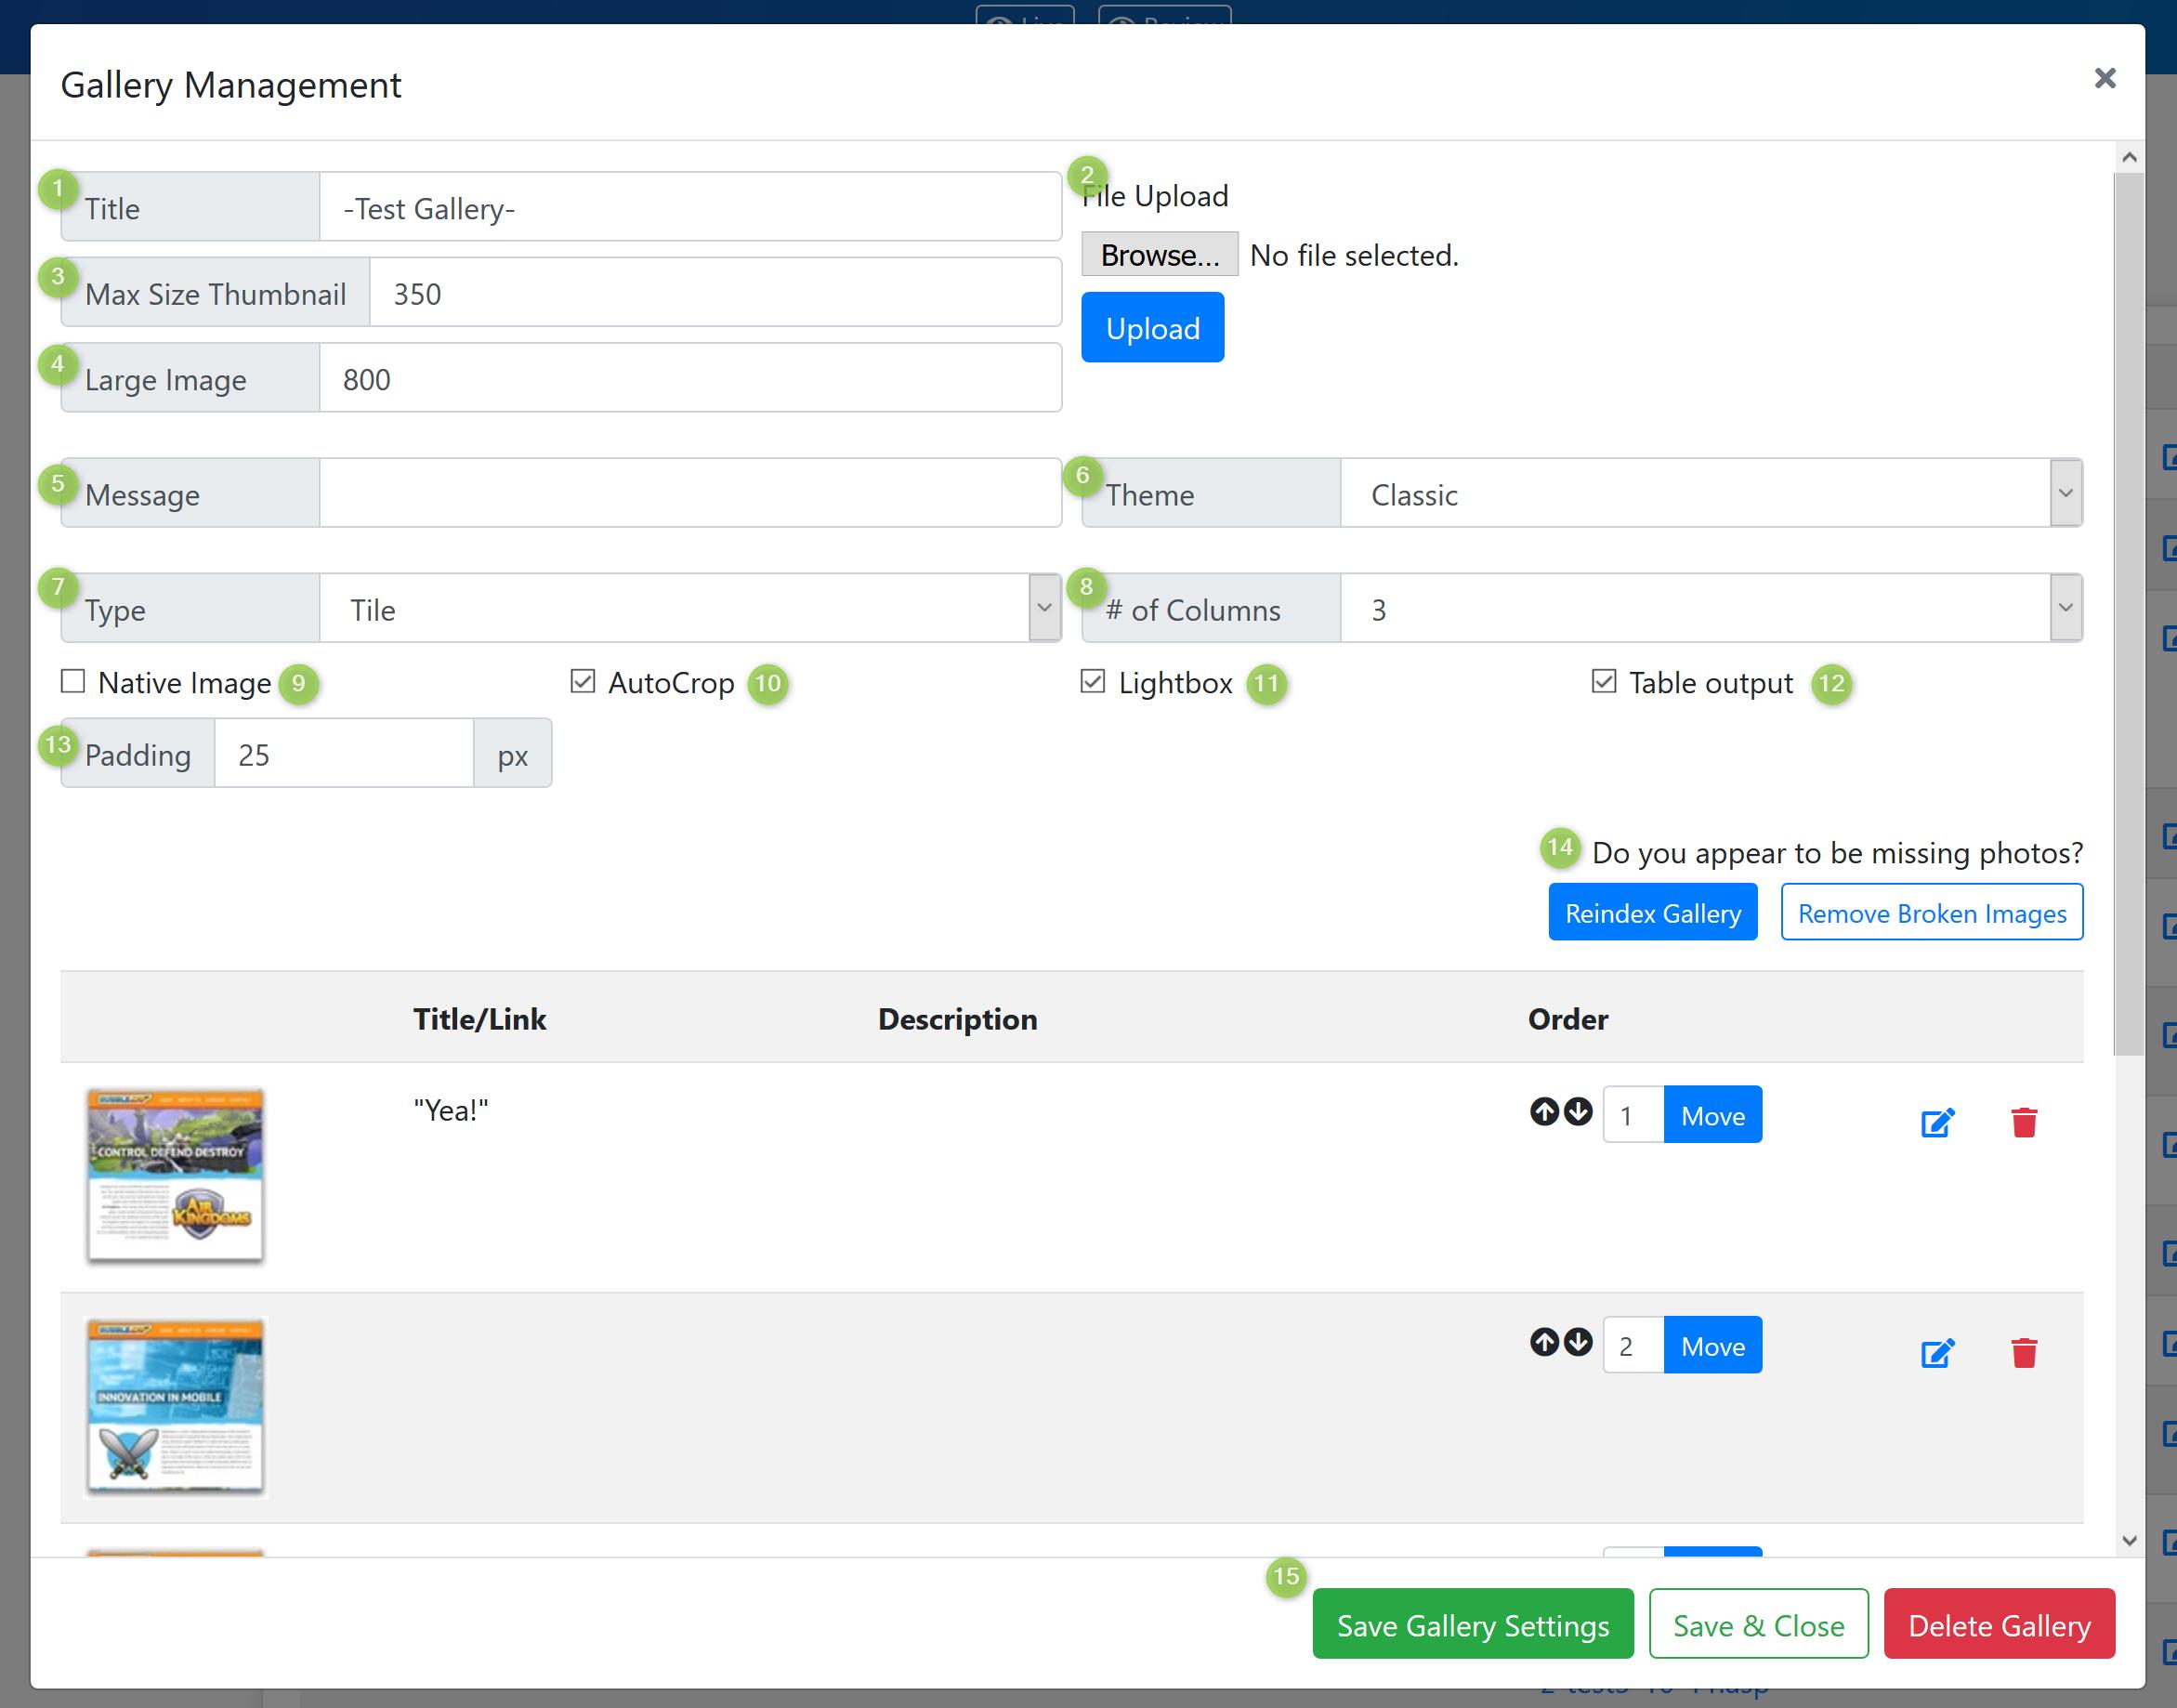 Gallery Management Screenshot